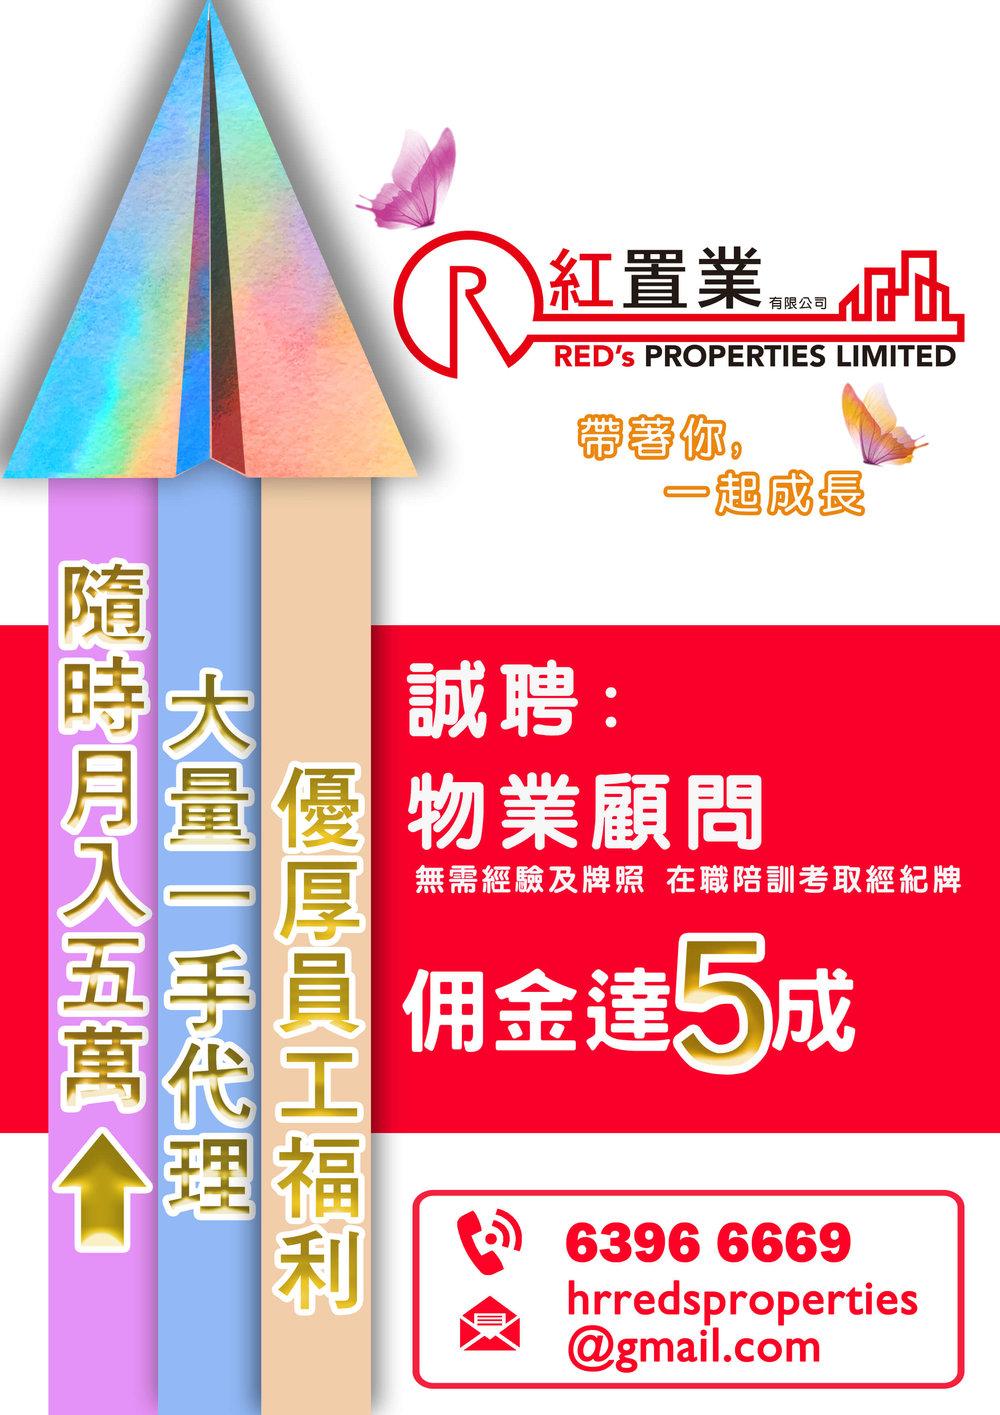 HR new recruitment poster (1).jpg